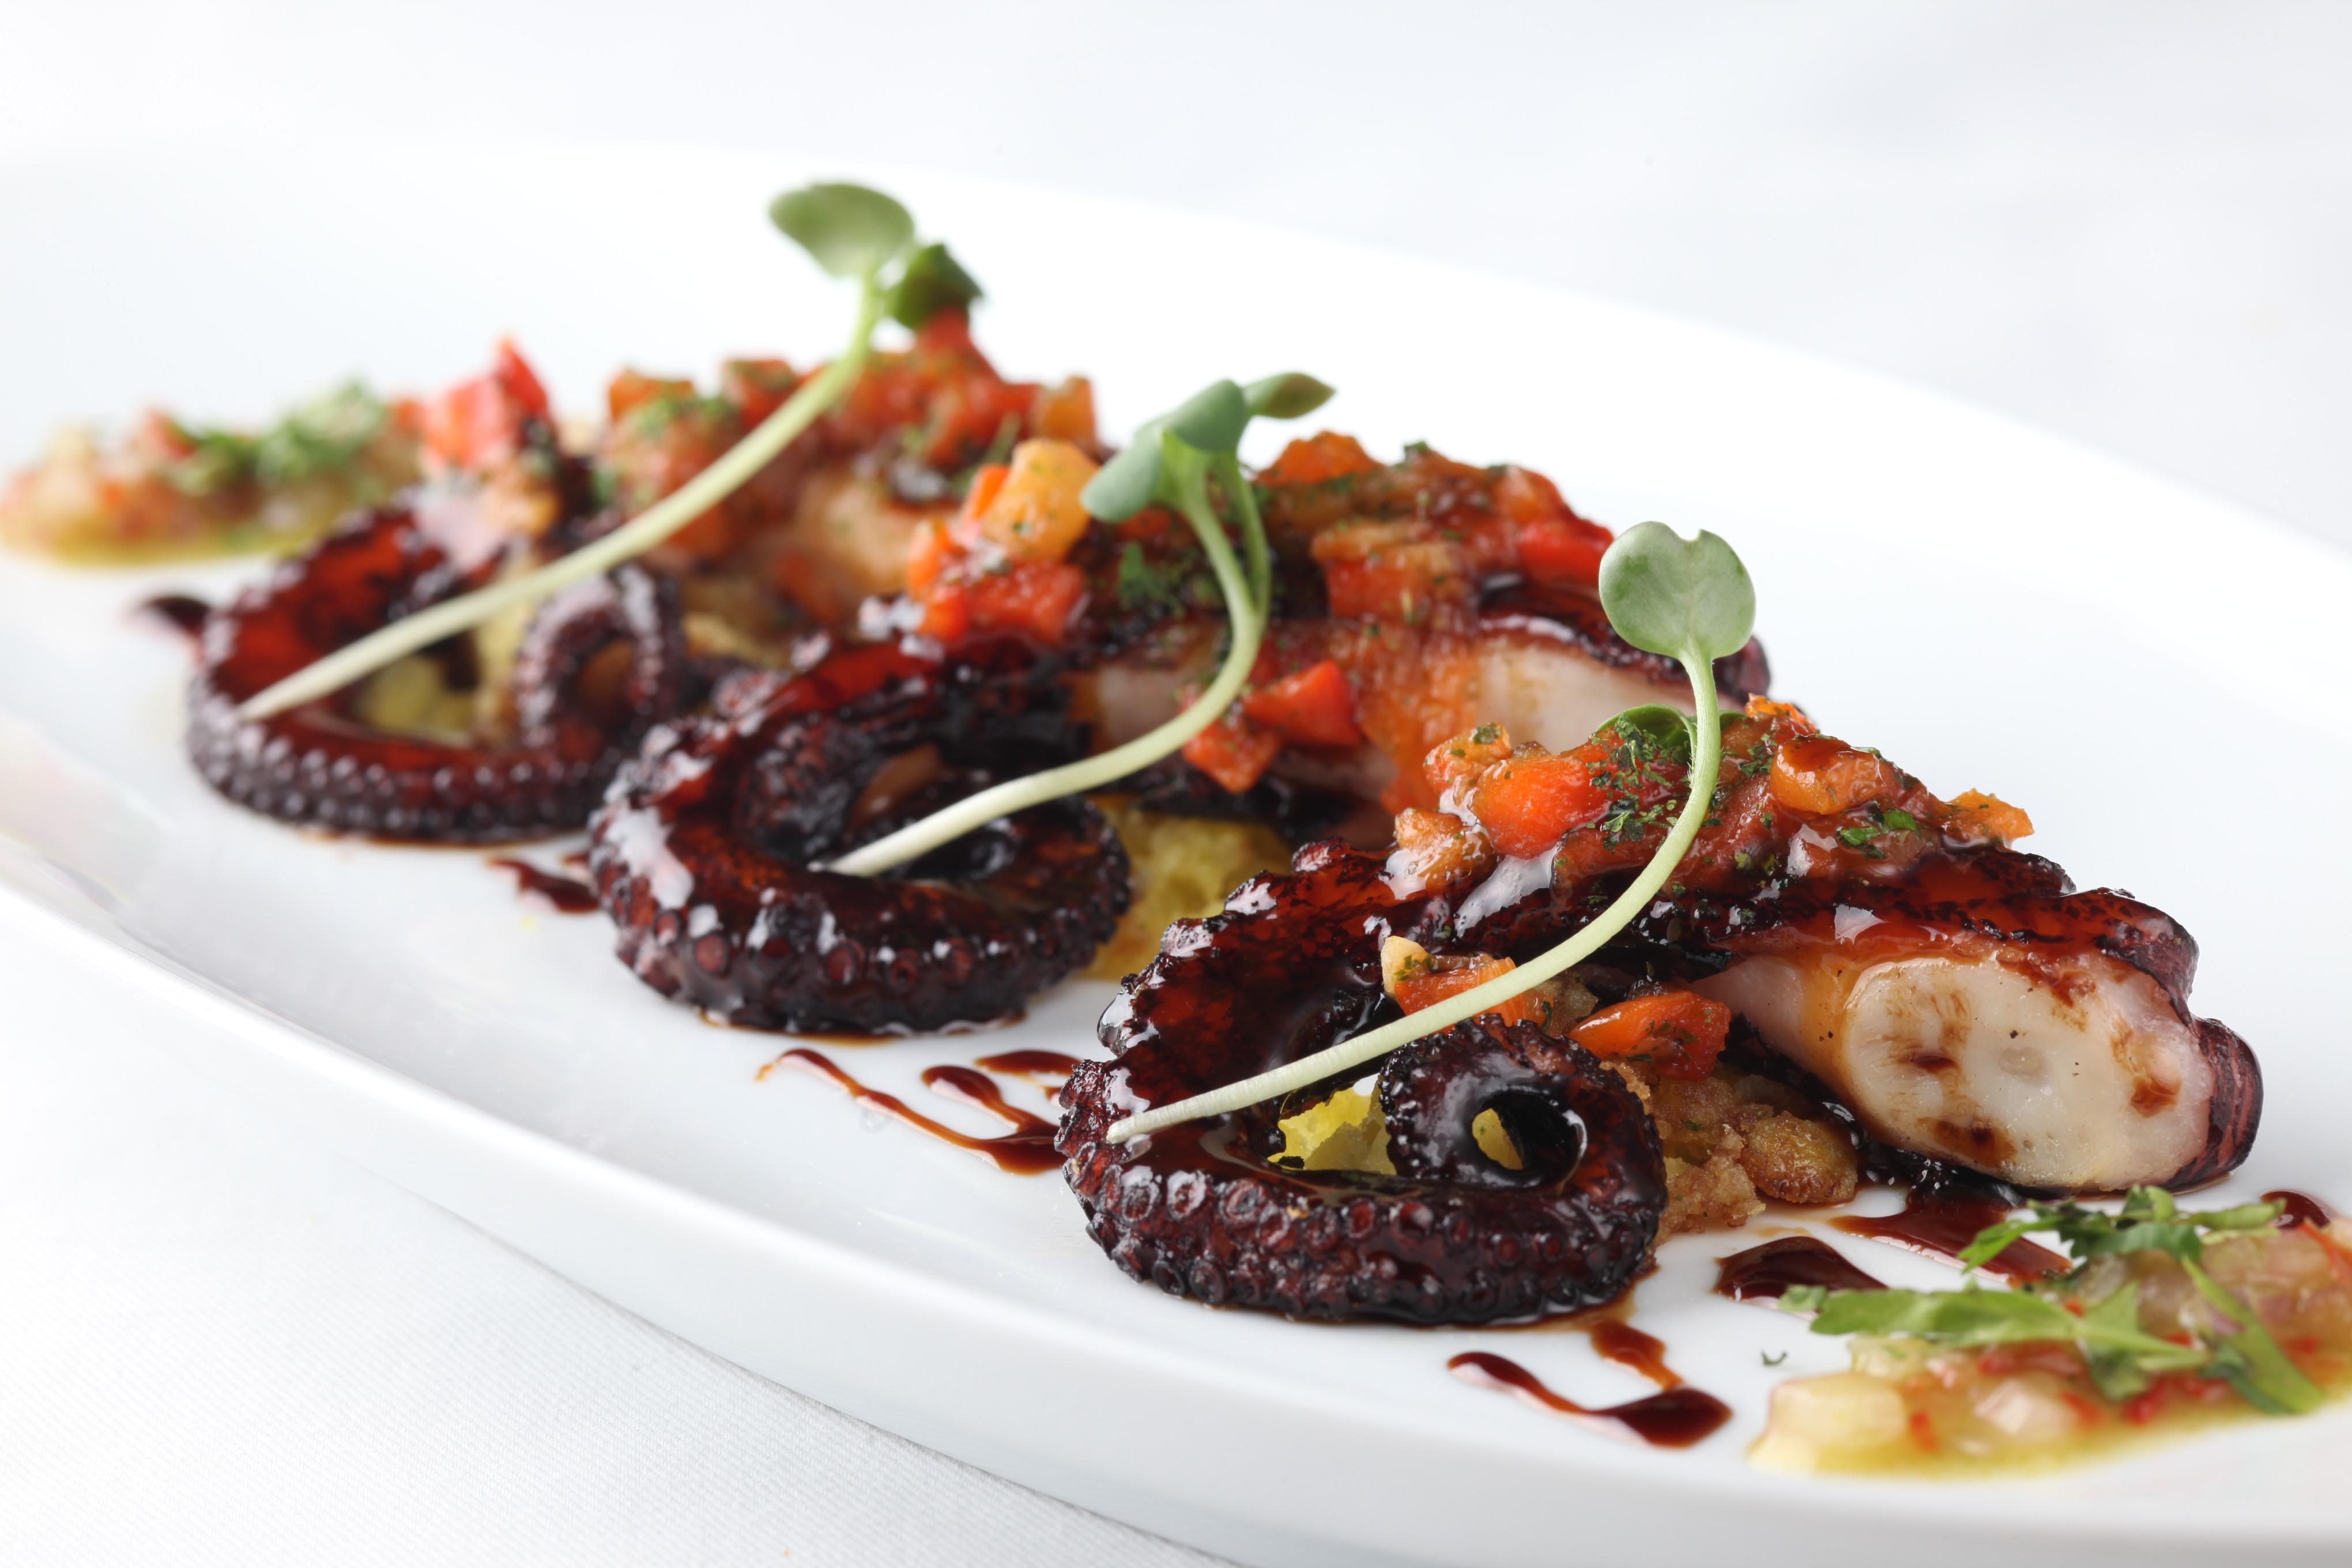 Báo Anh bình chọn Hà Nội là thành phố có ẩm thực hấp dẫn nhất thế giới! - Ảnh 53.